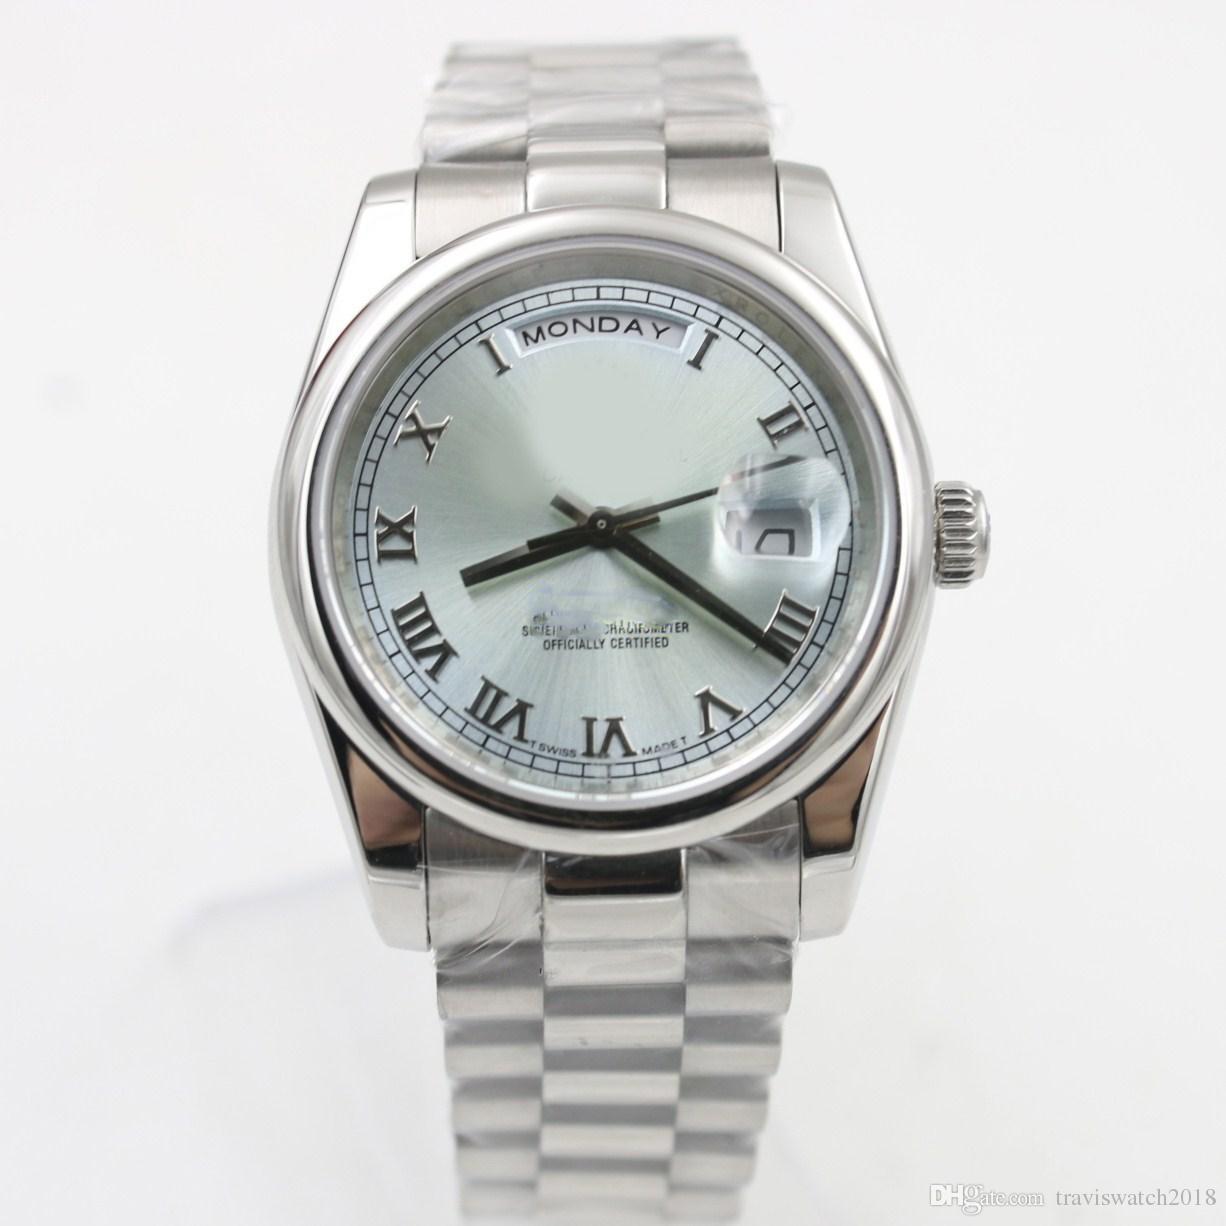 c006d99c8f16 Compre Relojes De Marca De Lujo Roli DÍA Clásico Reloj Mecánico Automático Para  Mujer FECHA 36 Mm Reloj De Calidad AAA Reloj De Acero Inoxidable Royal Oaks  ...